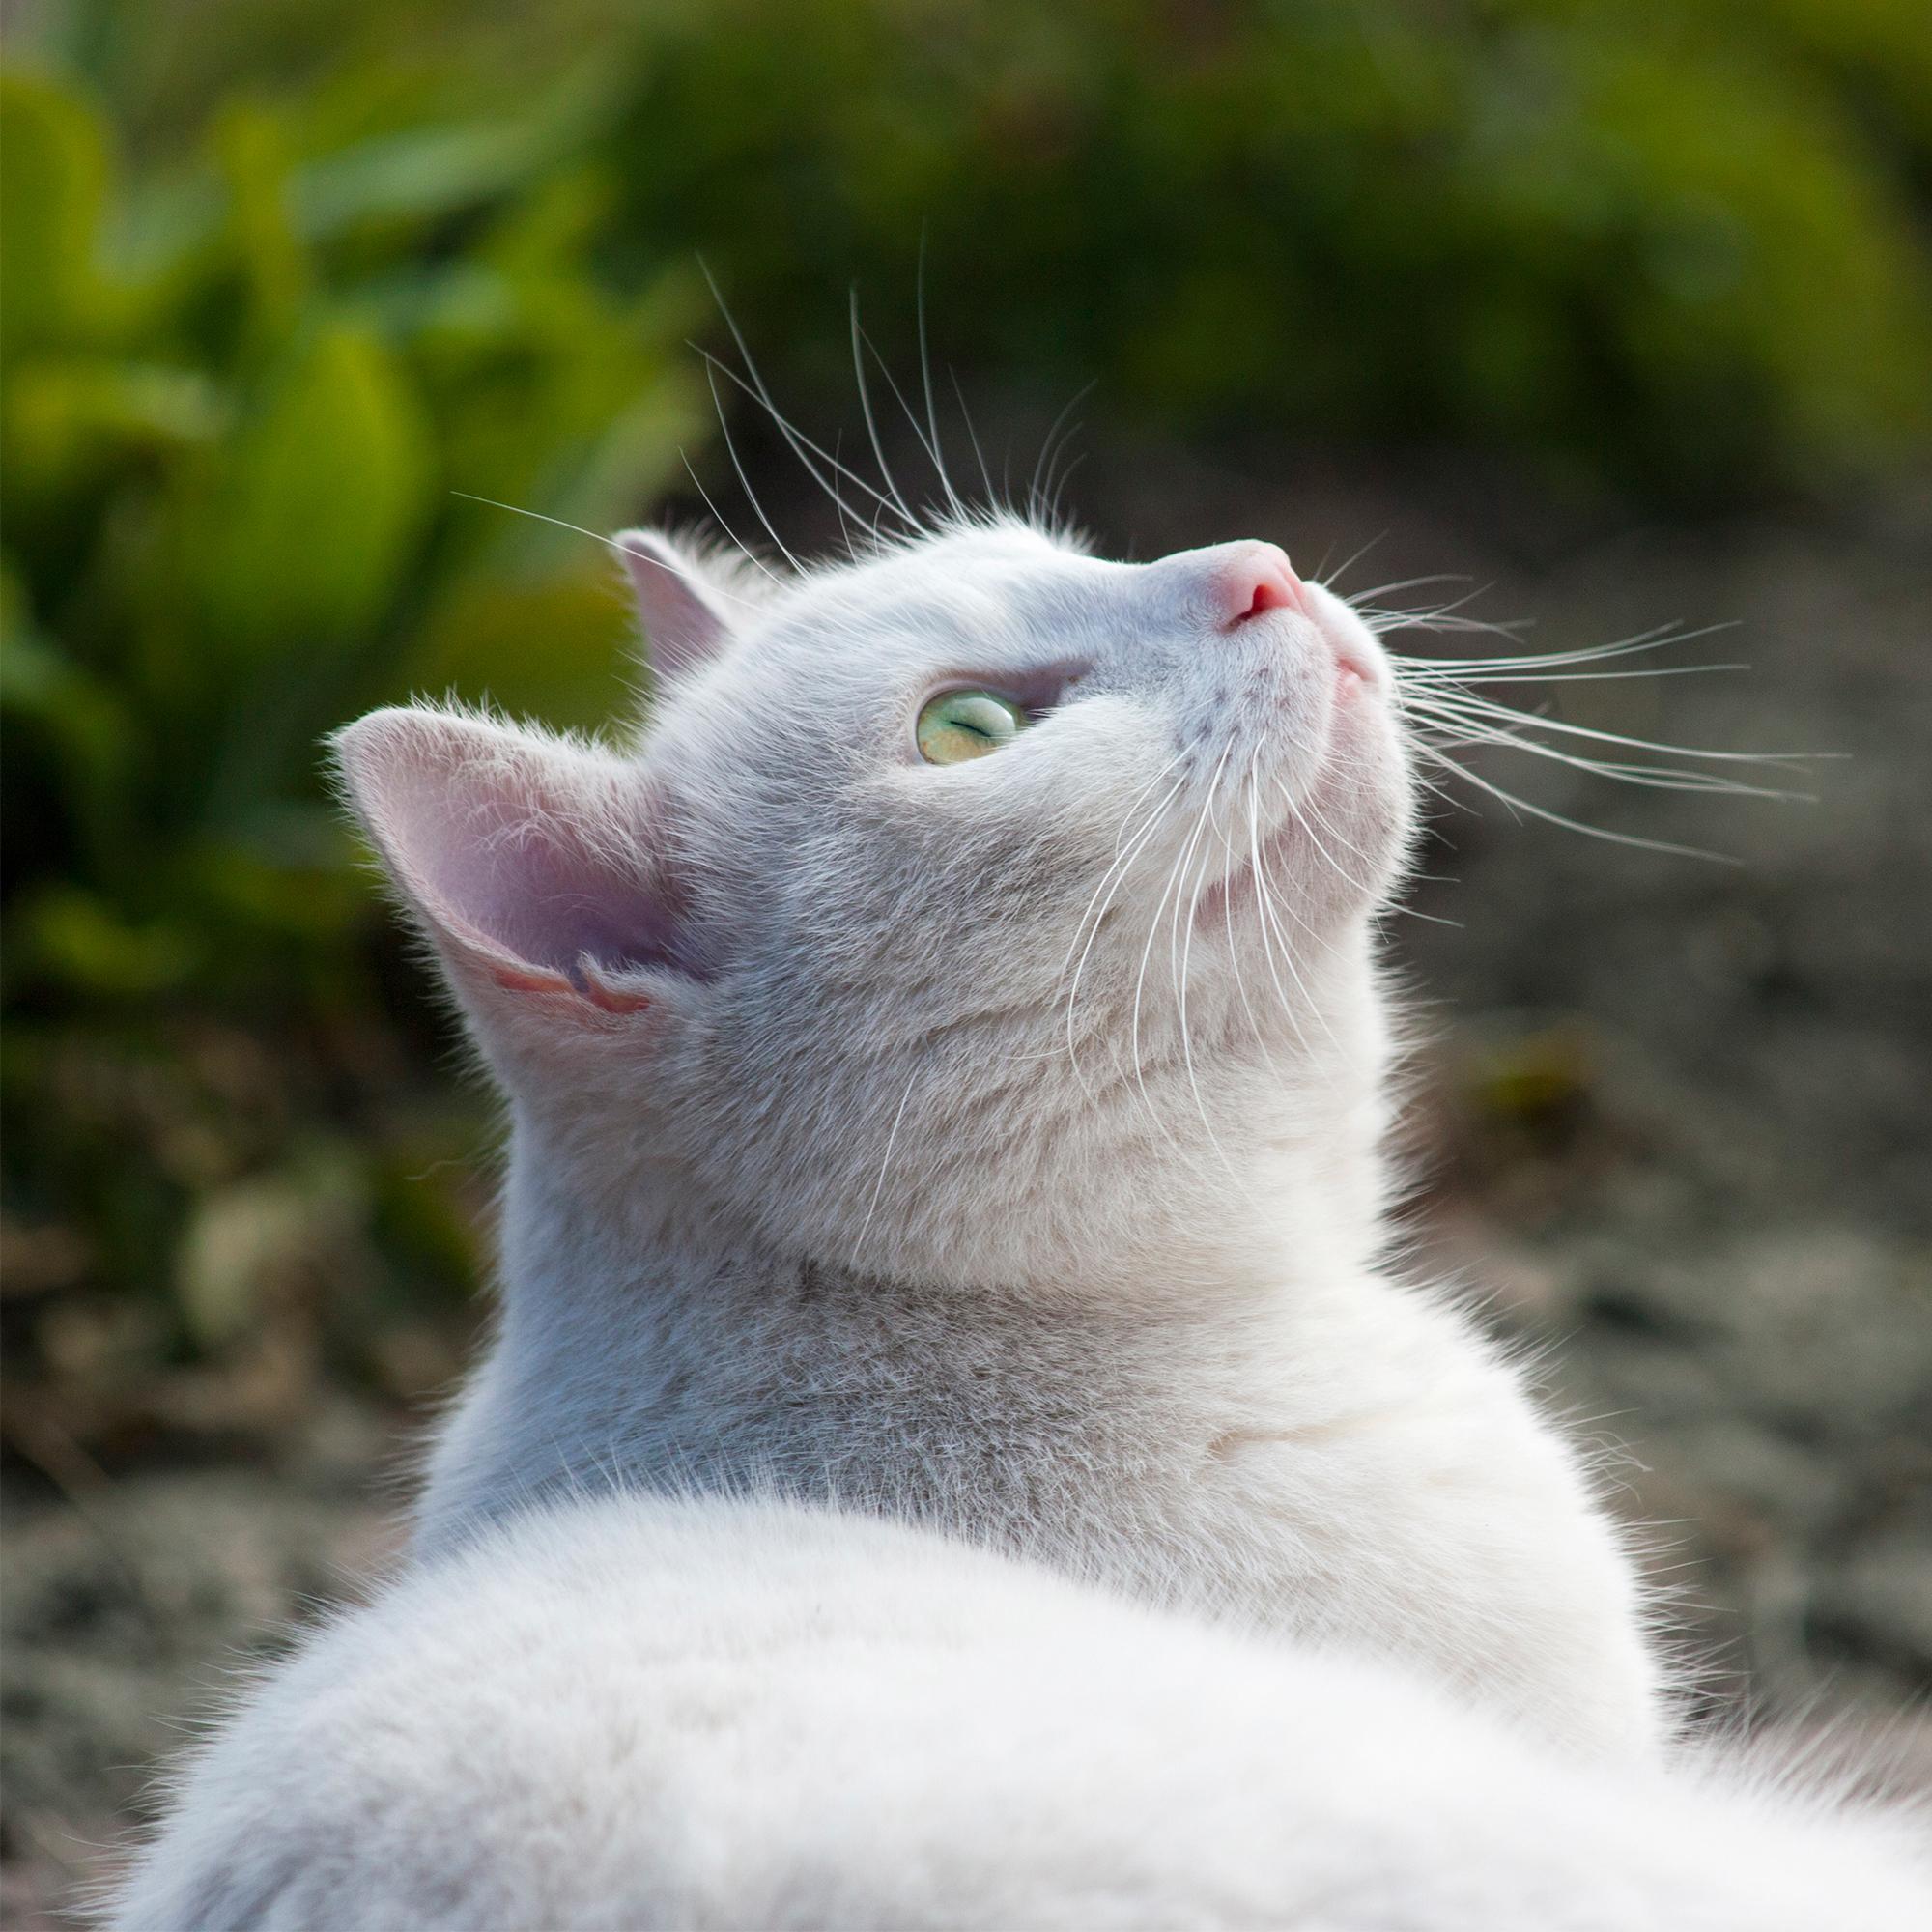 лестниц, картинки котят которые смотрят вверх запросу